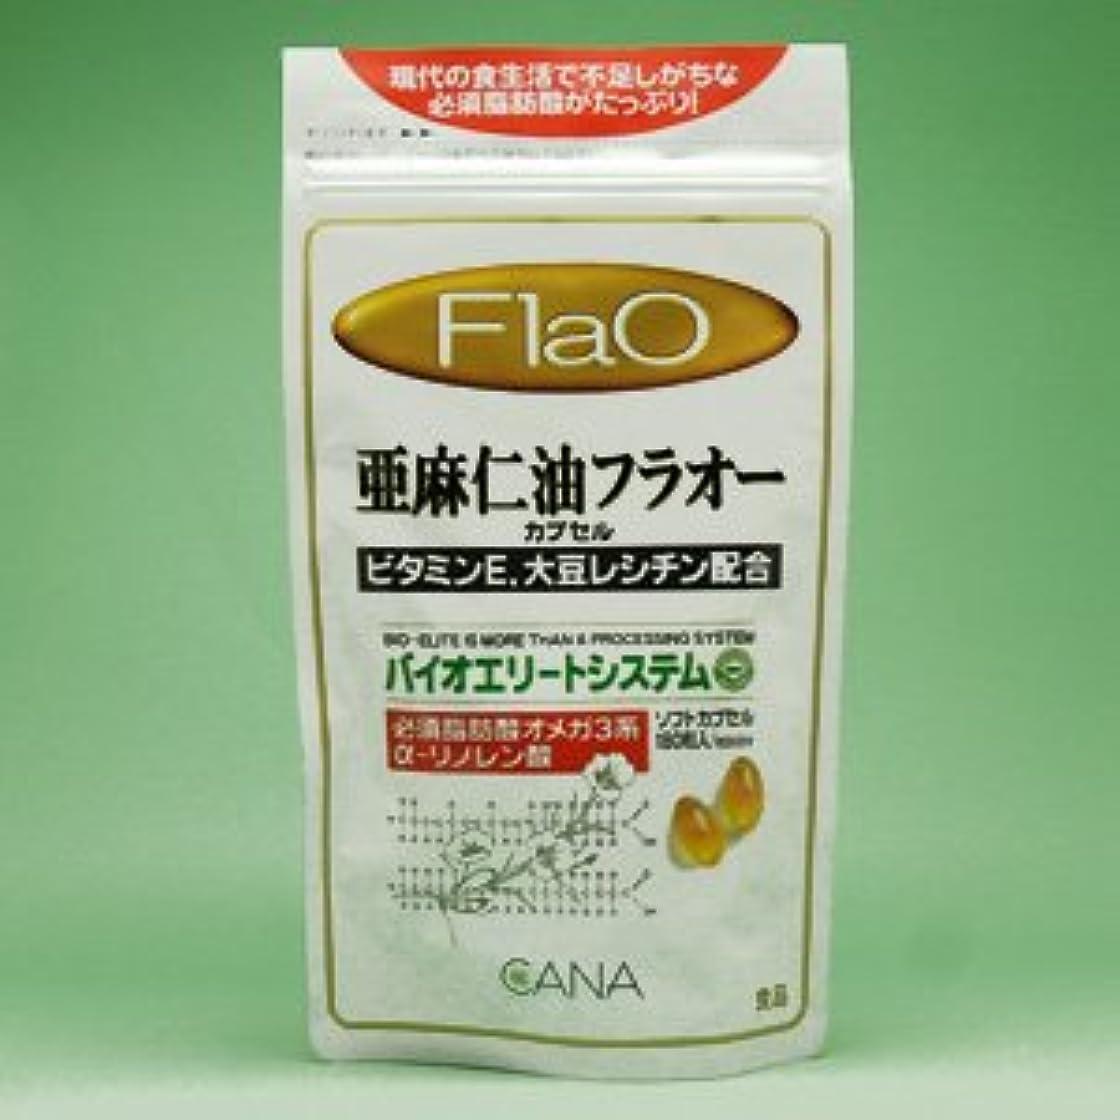 実験違反する種亜麻仁油 フラオーカプセル 180粒 ×10個セット